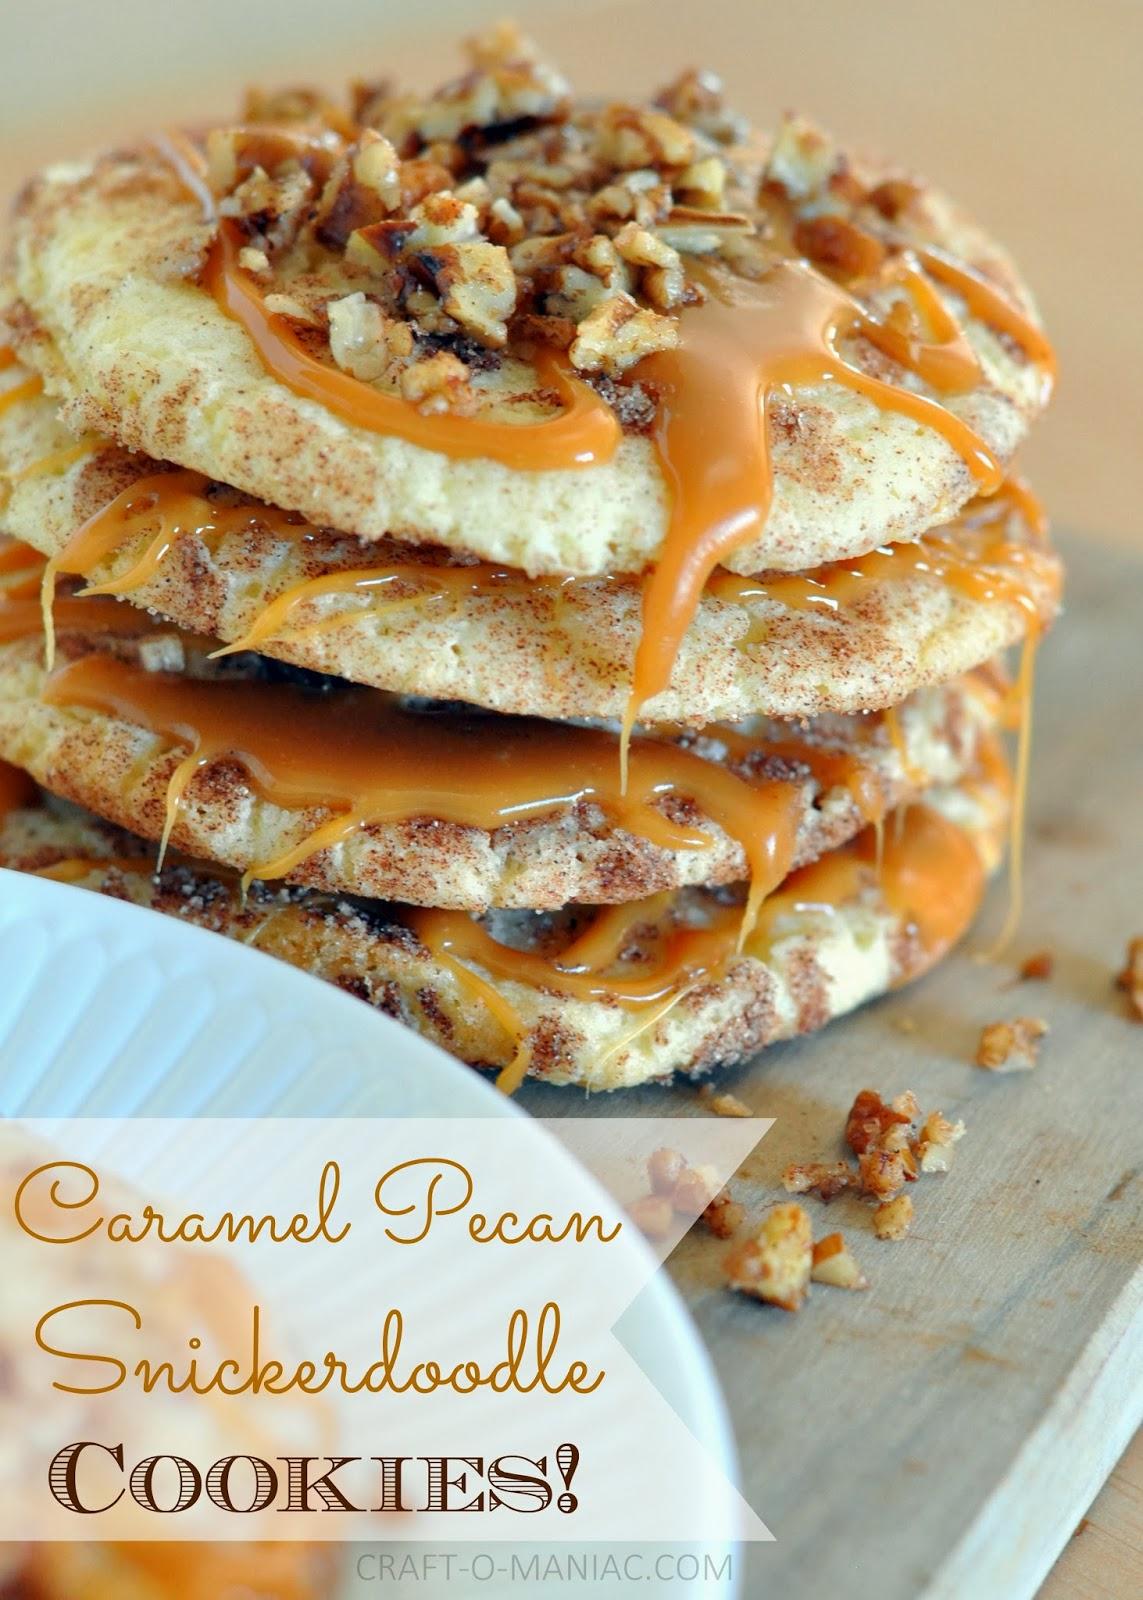 Caramel Pecan Snickerdoodle Cookies - Craft-O-Maniac